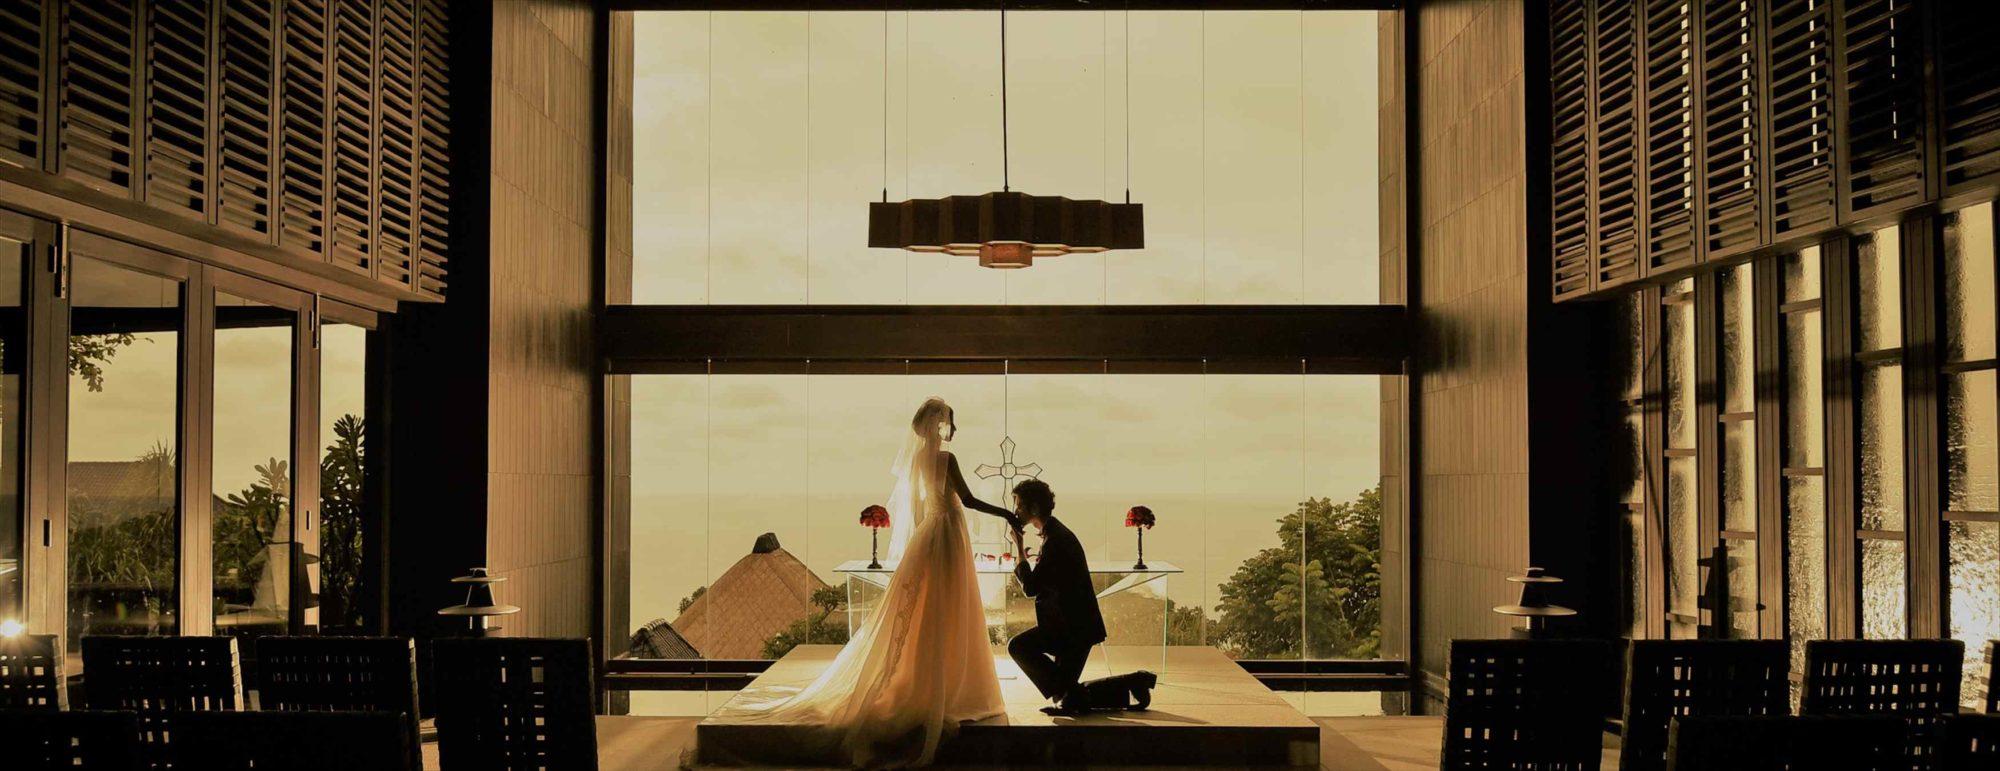 バリ島チャペル・ウェディング ブルガリ リゾート バリ チャペル挙式 Bvlgari Resort Bali Chapel Wedding